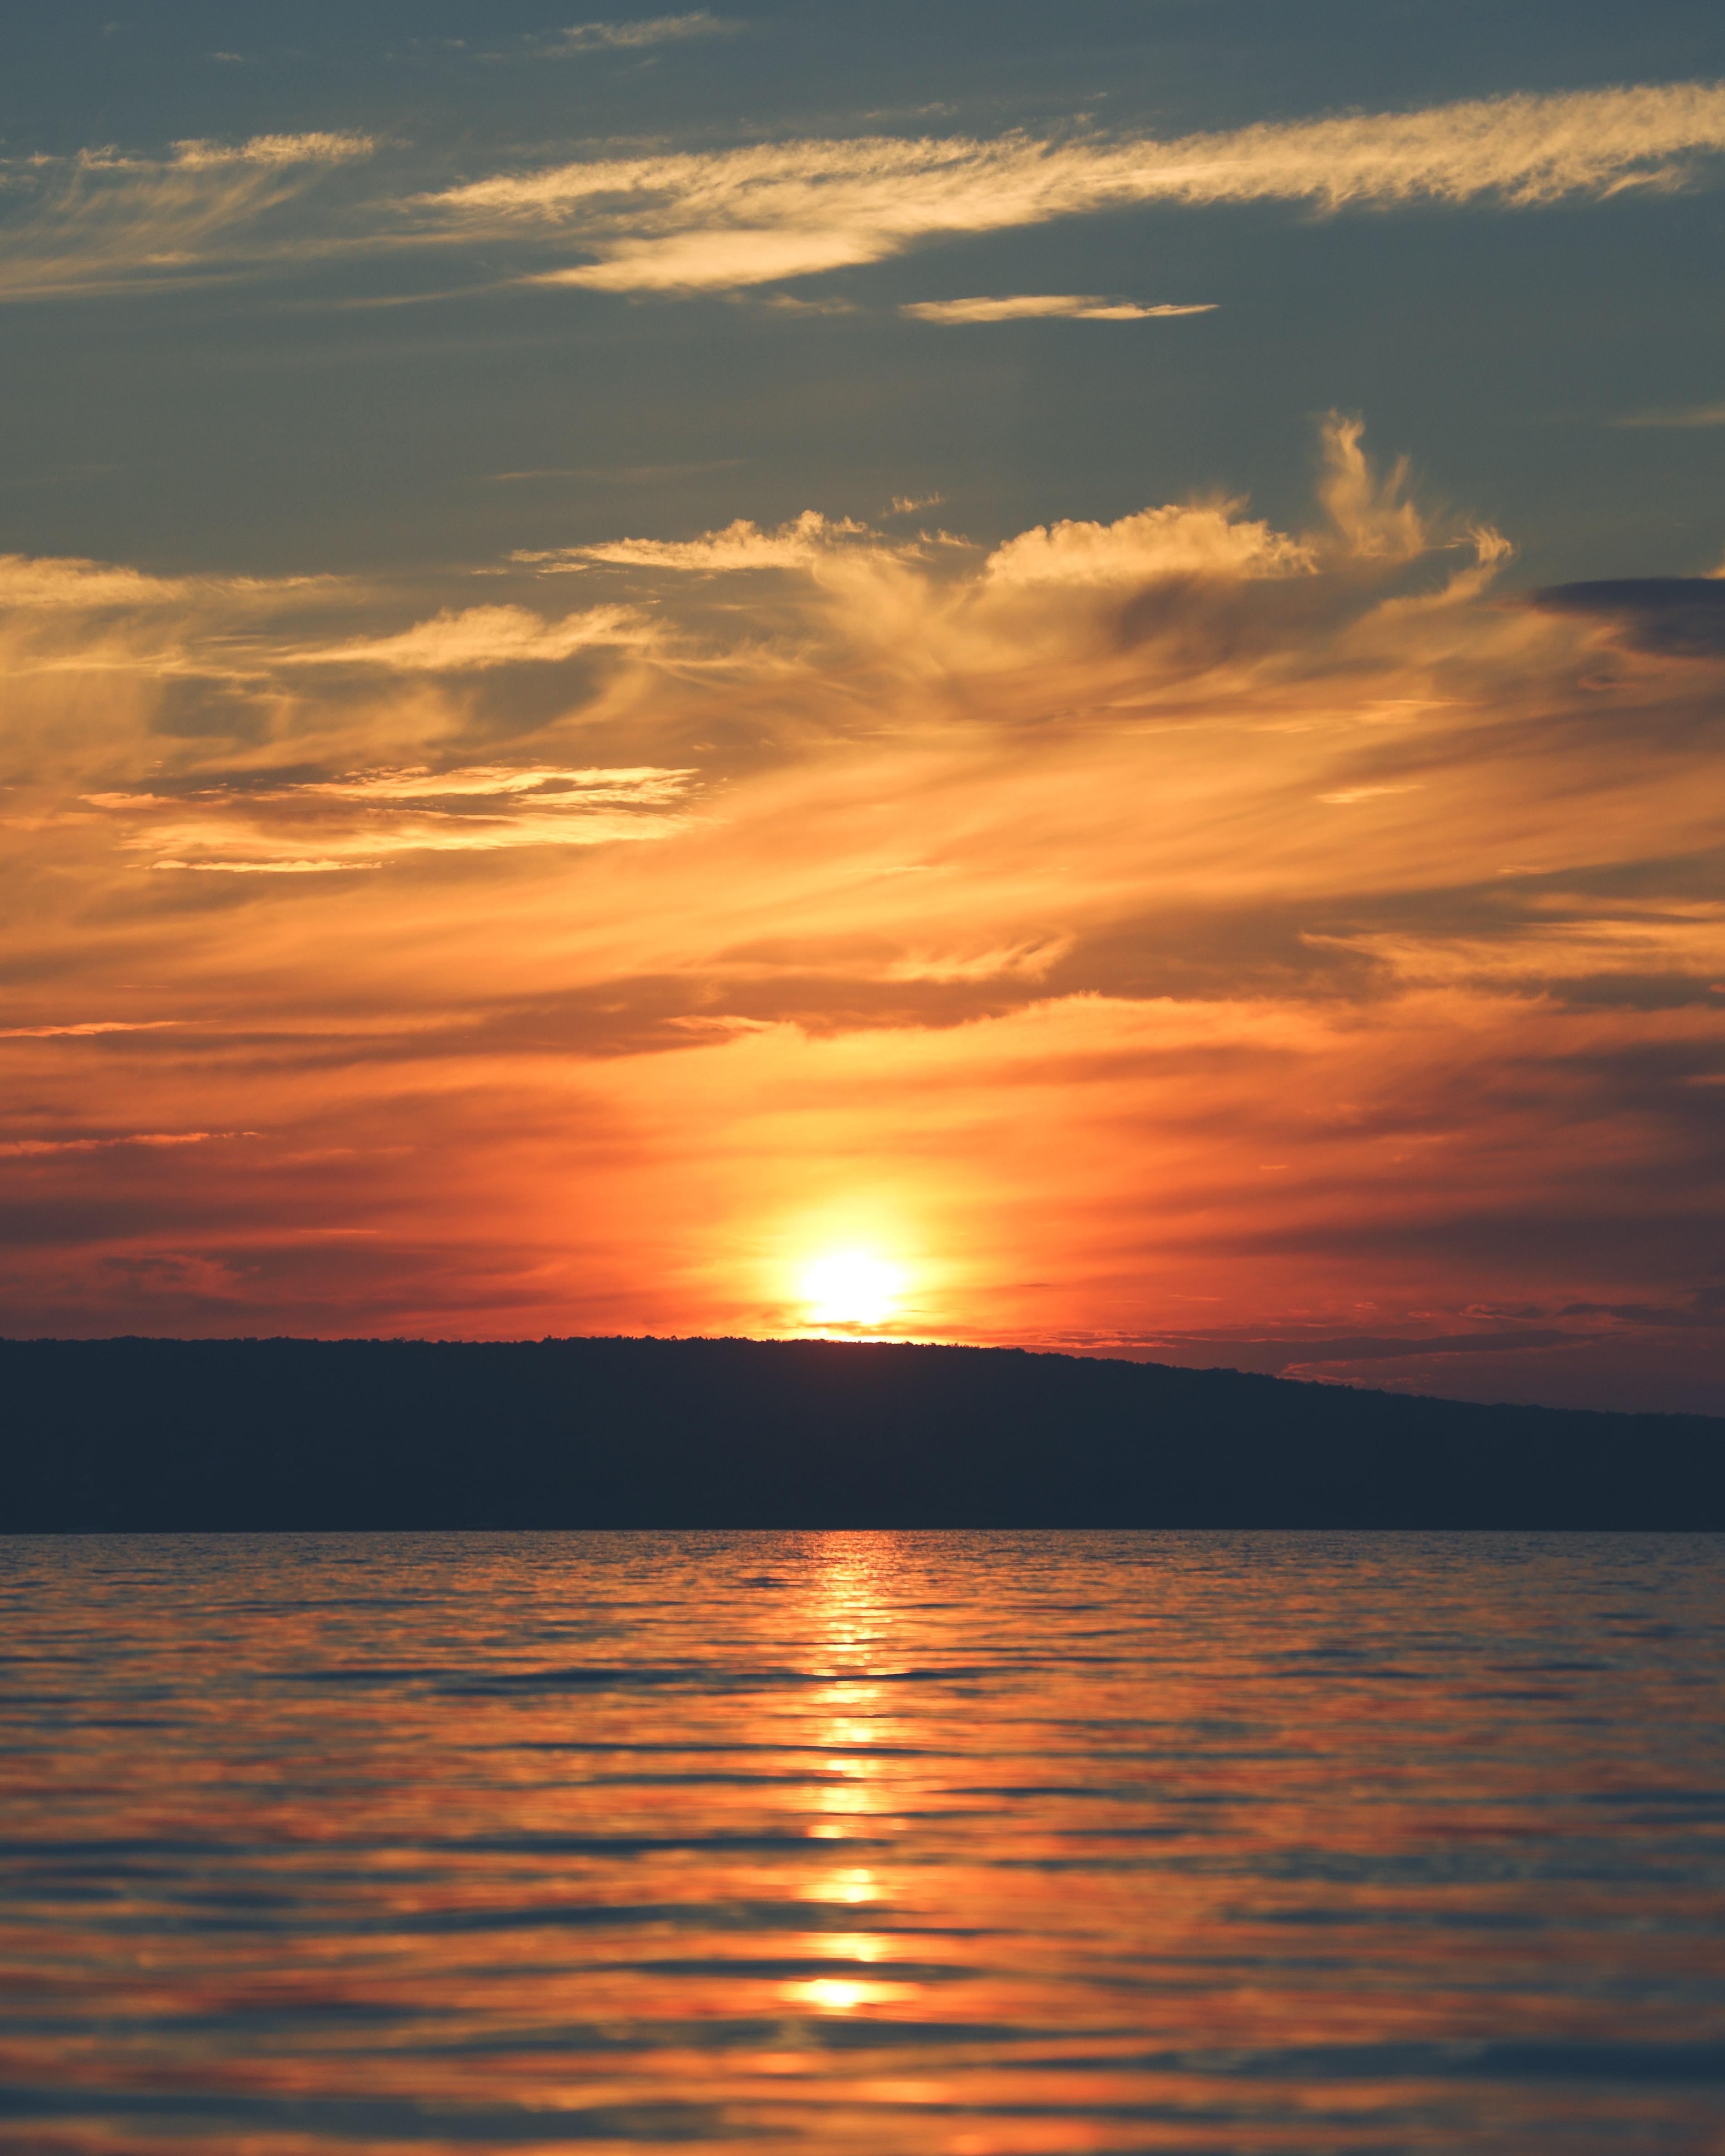 122552 скачать обои Природа, Закат, Вода, Остров, Горизонт, Солнце - заставки и картинки бесплатно